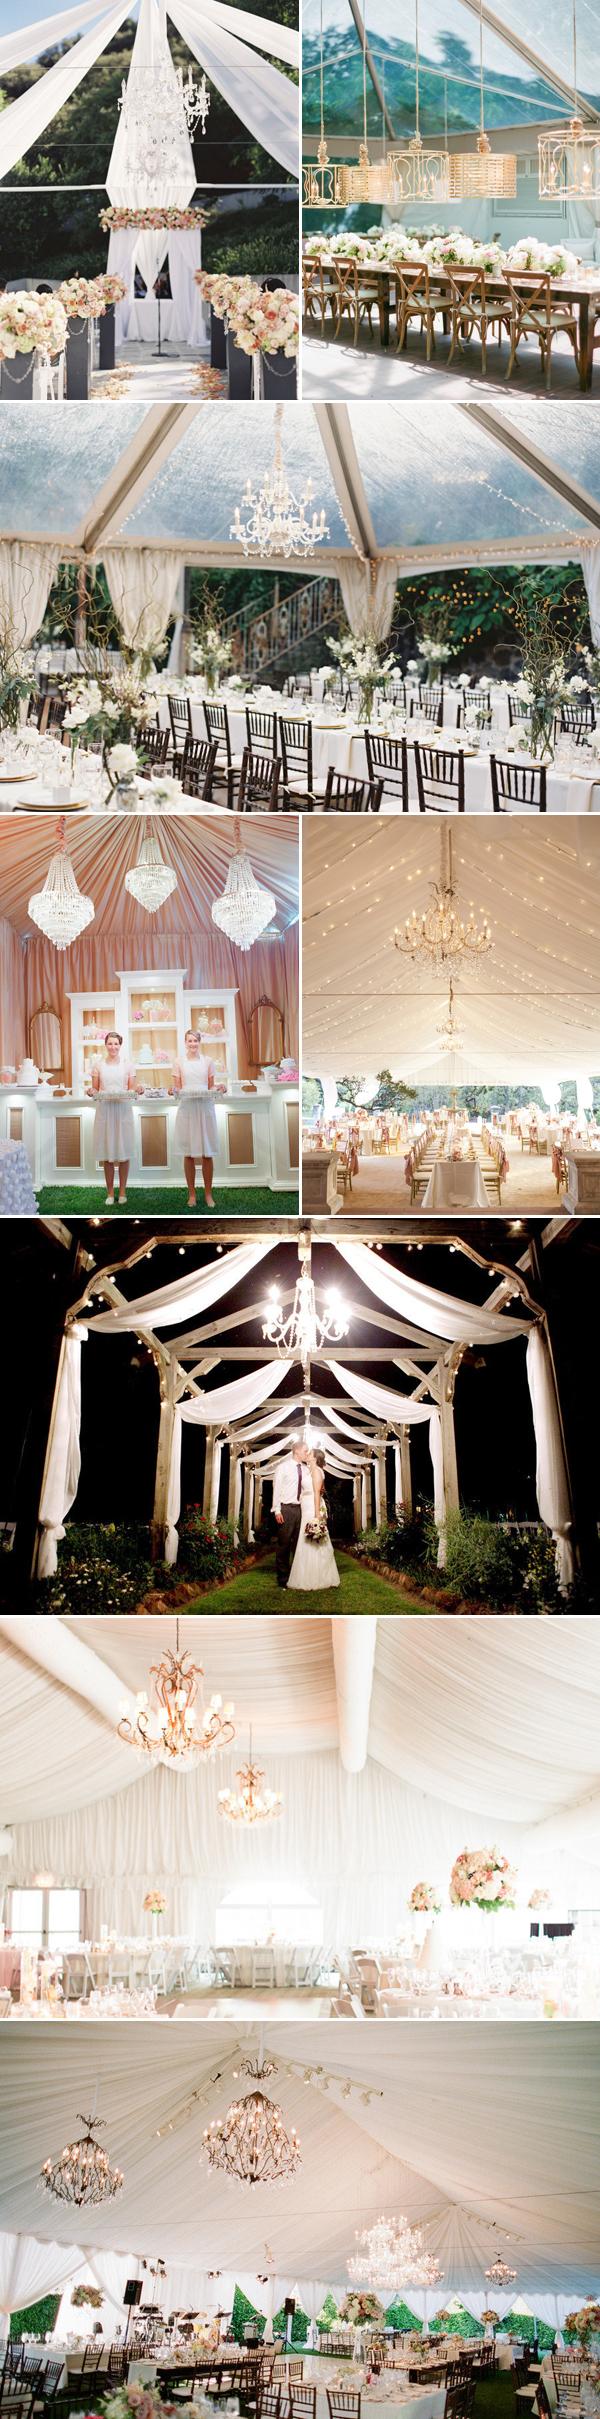 tent02-chandelier